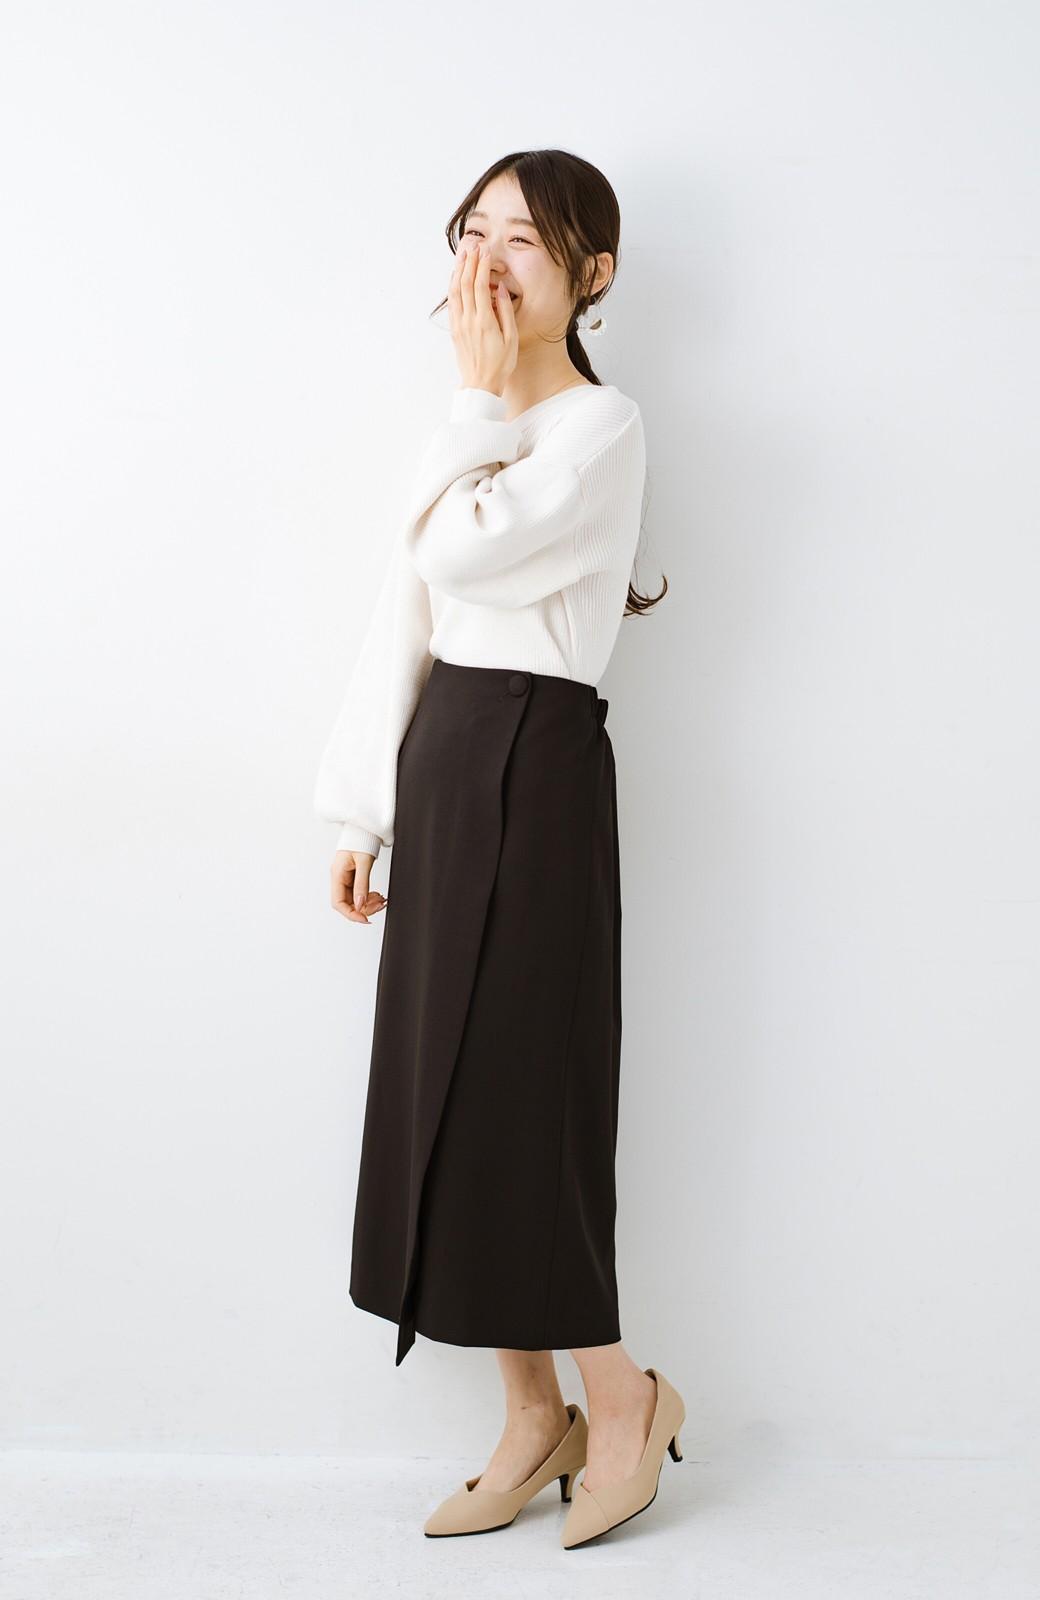 haco! いざというとき困らないための 大人のフォーマルジャケット・スカート2点セット by que made me <ブラック>の商品写真16